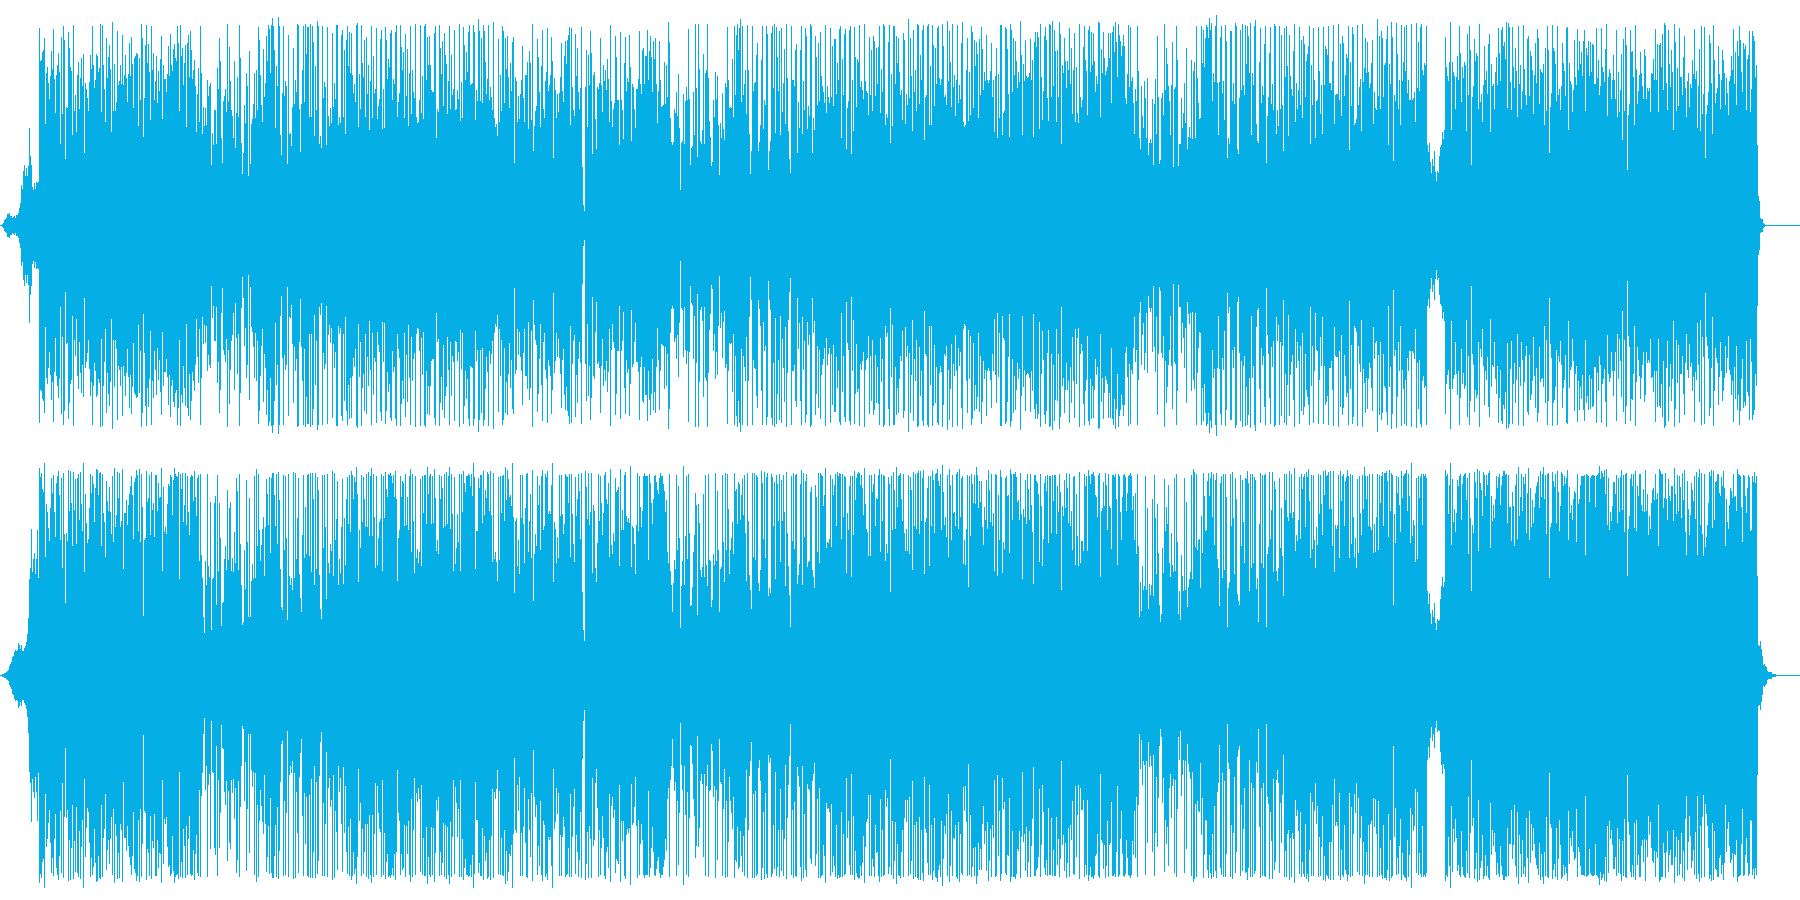 色々な楽器が混じった太いビートのある曲の再生済みの波形